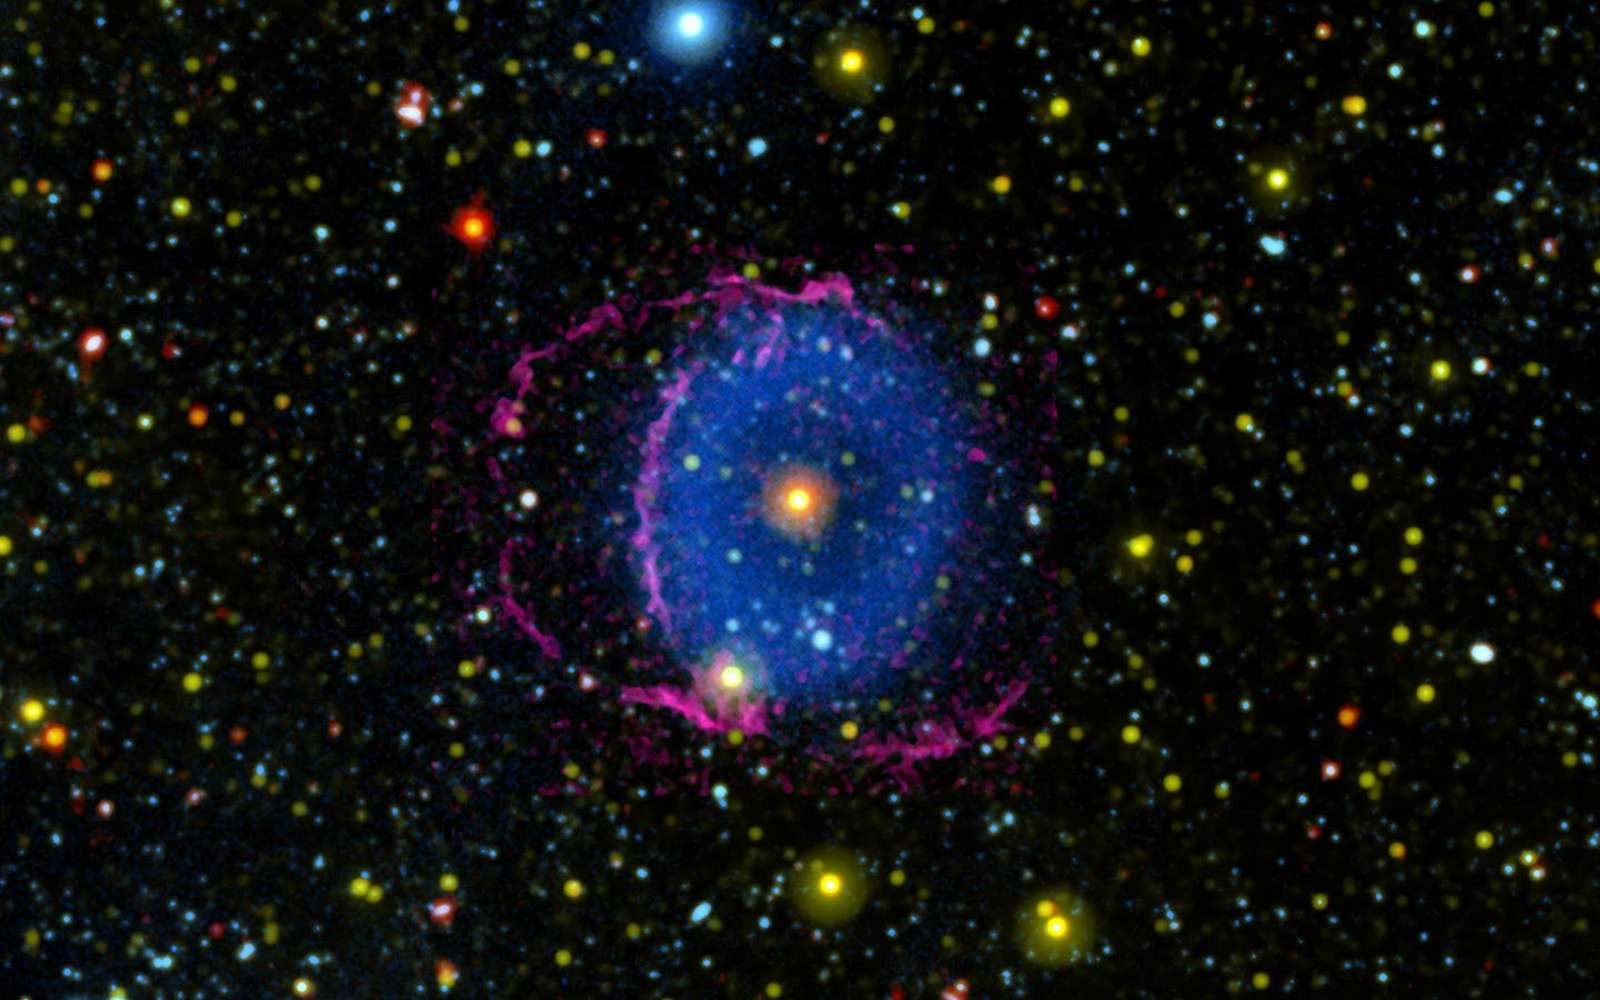 Située à 6.300 années-lumière dans la constellation d'Hercule, la nébuleuse de l'anneau bleu serait le produit de la fusion de deux étoiles. © Nasa, JPL-Caltech - M. Seibert (Carnegie Institution for Science) - K. Hoadley (Caltech) - Galex Team